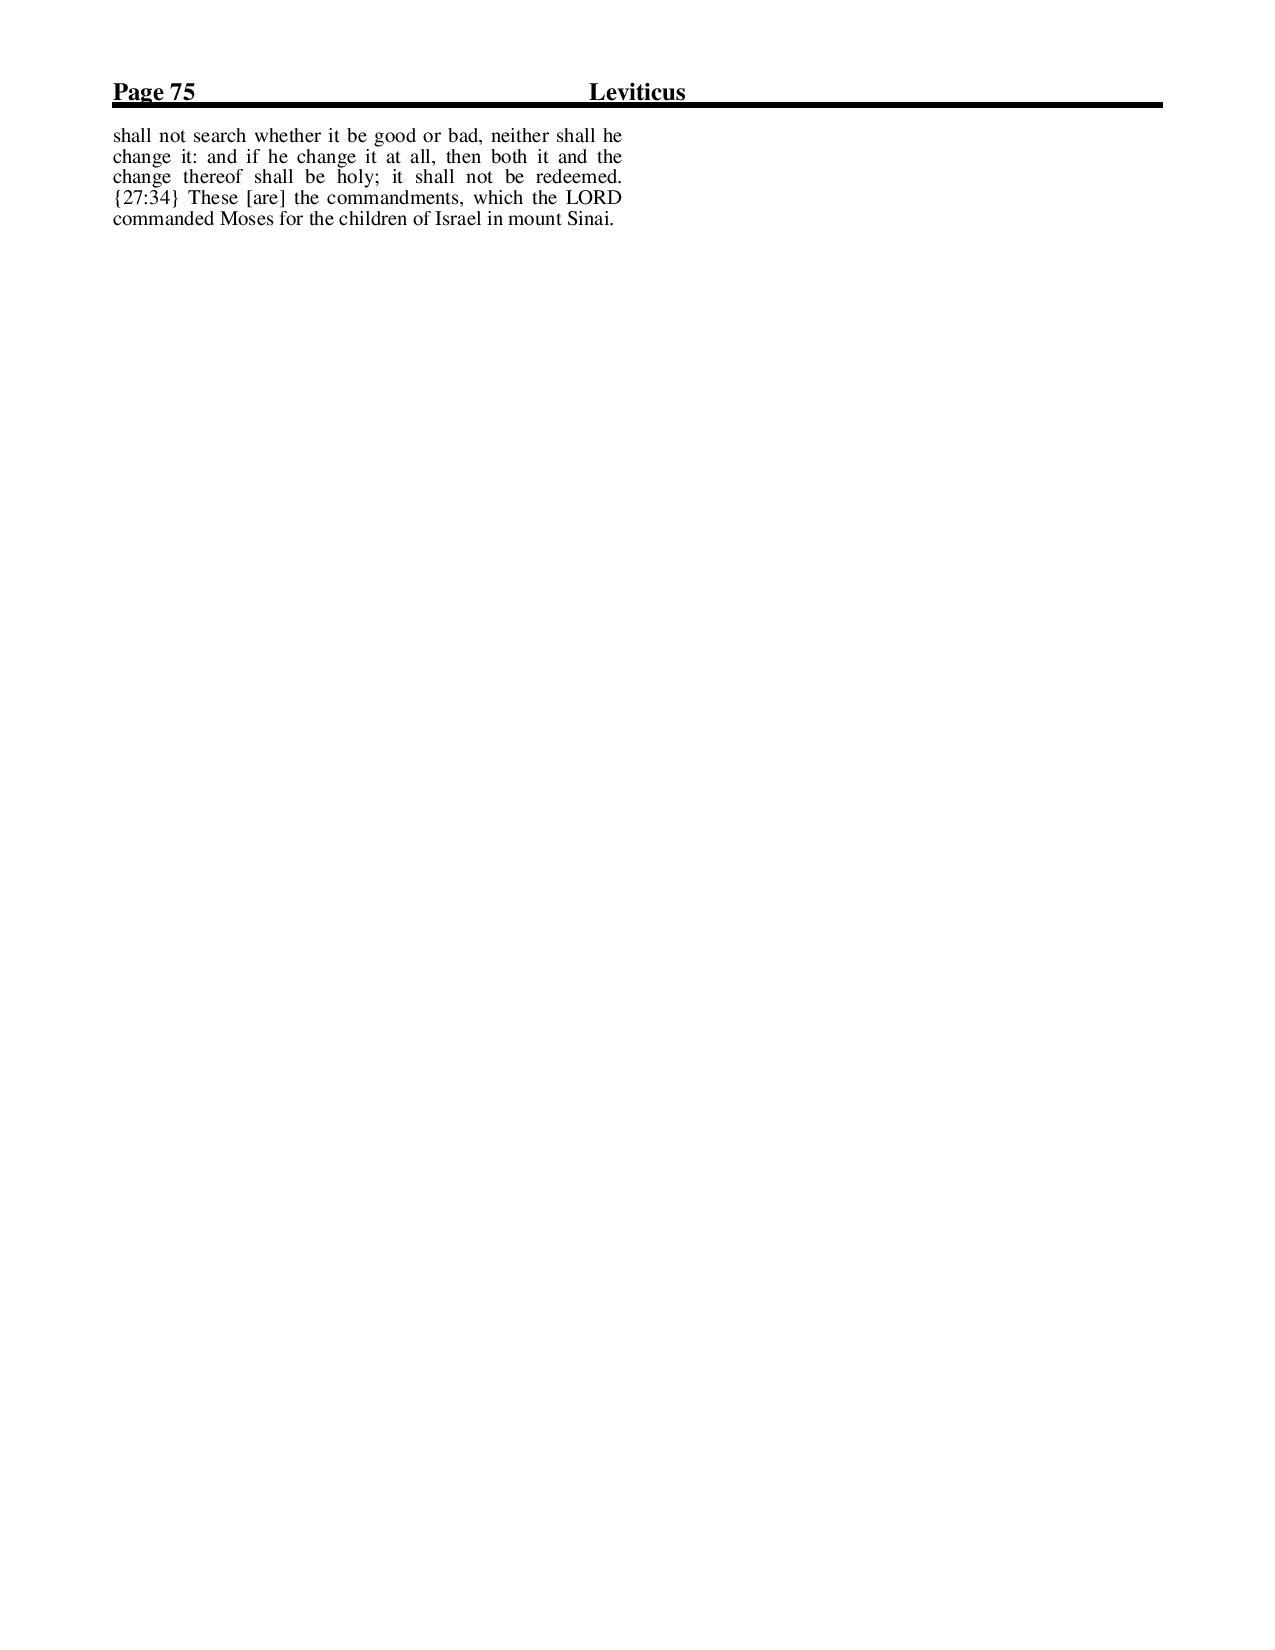 King-James-Bible-KJV-Bible-PDF-page-096